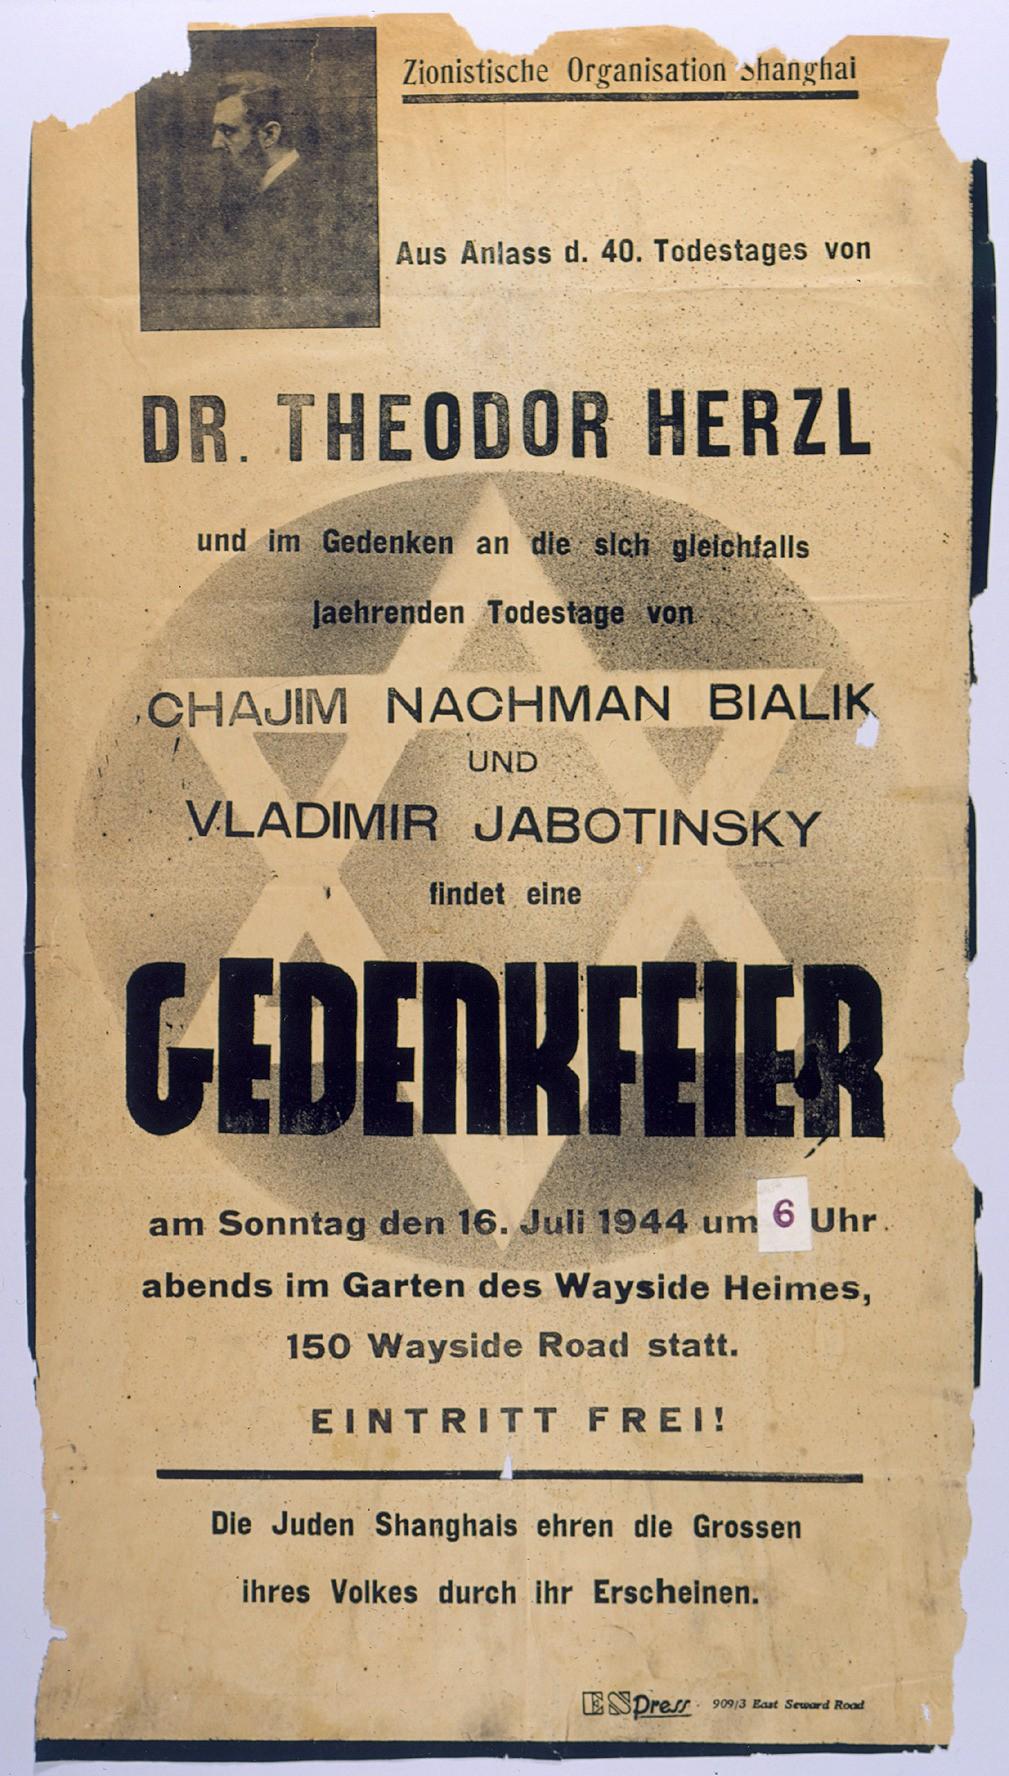 Zionist poster [LCID: 200254ig]